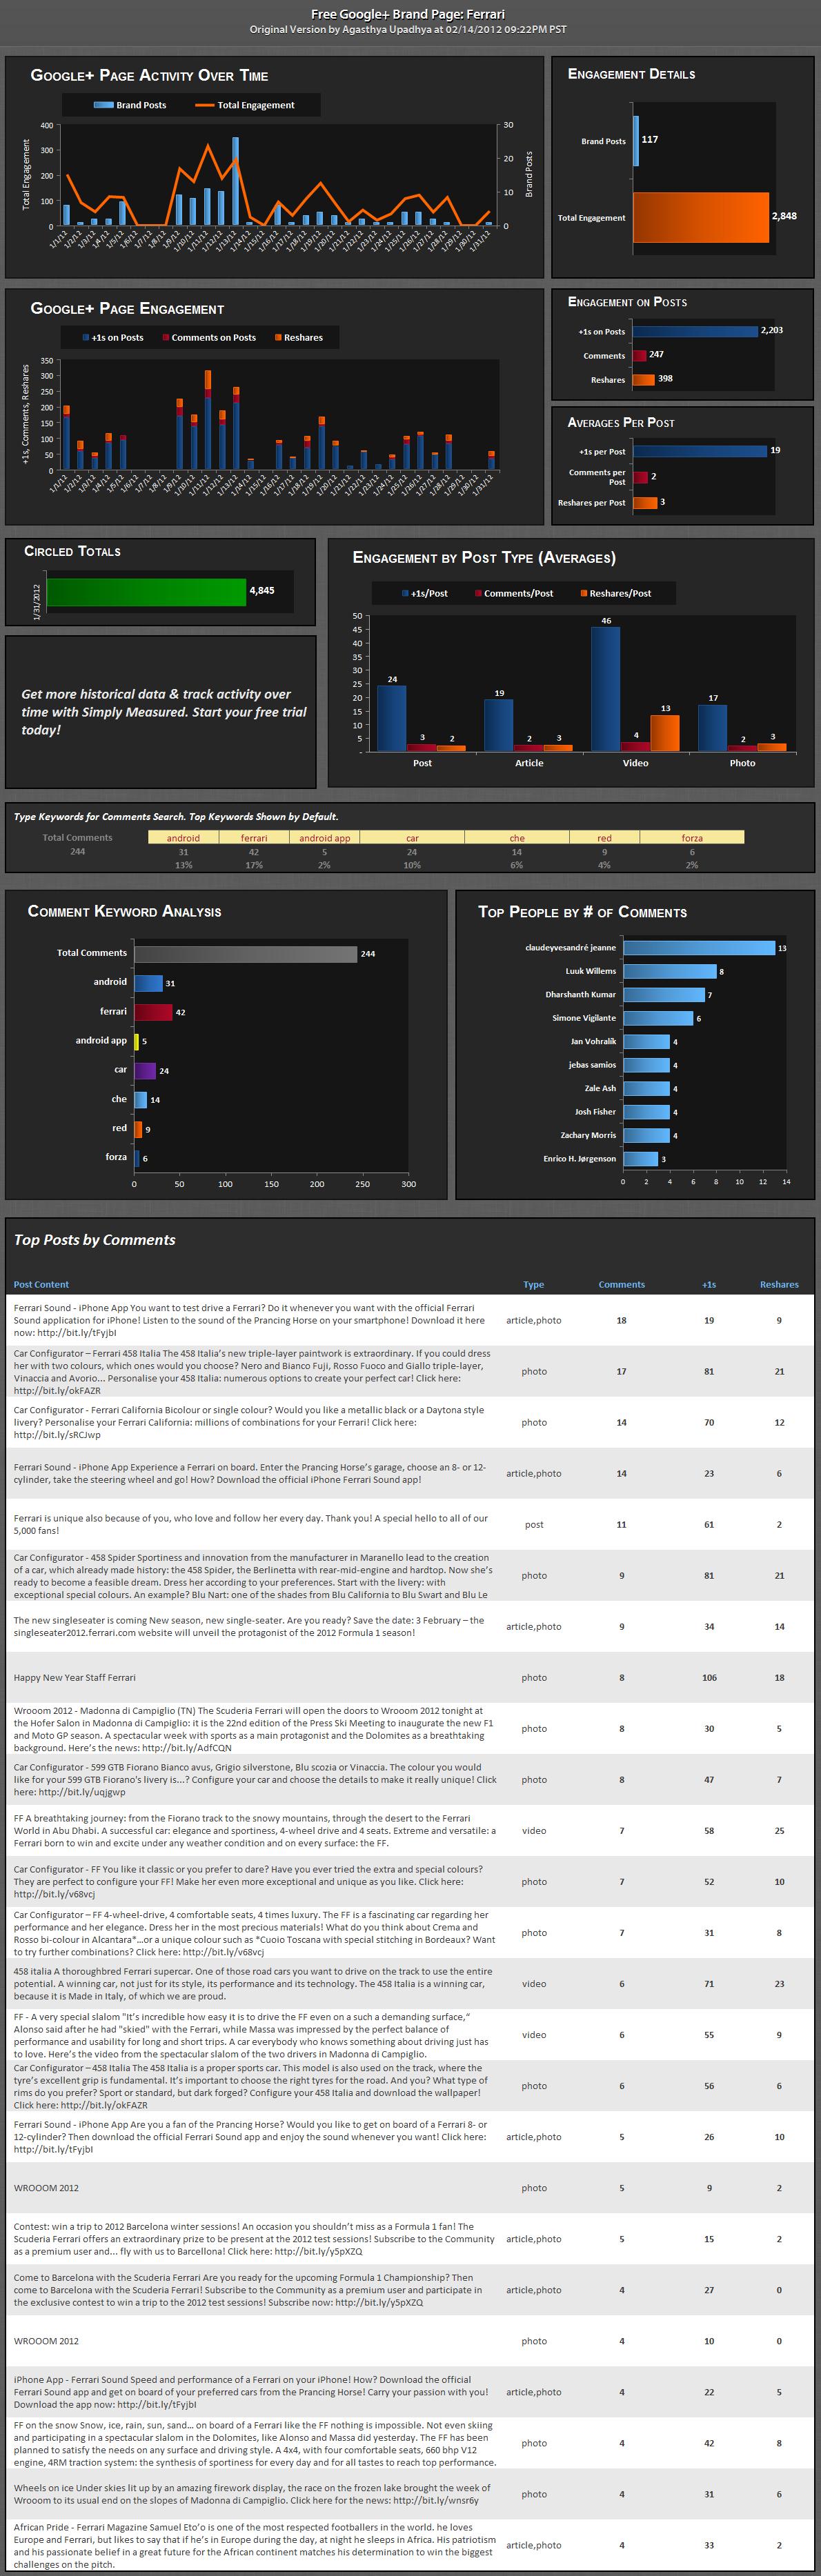 Simply Measured - Ejemplo de estadísticas de Google Plus